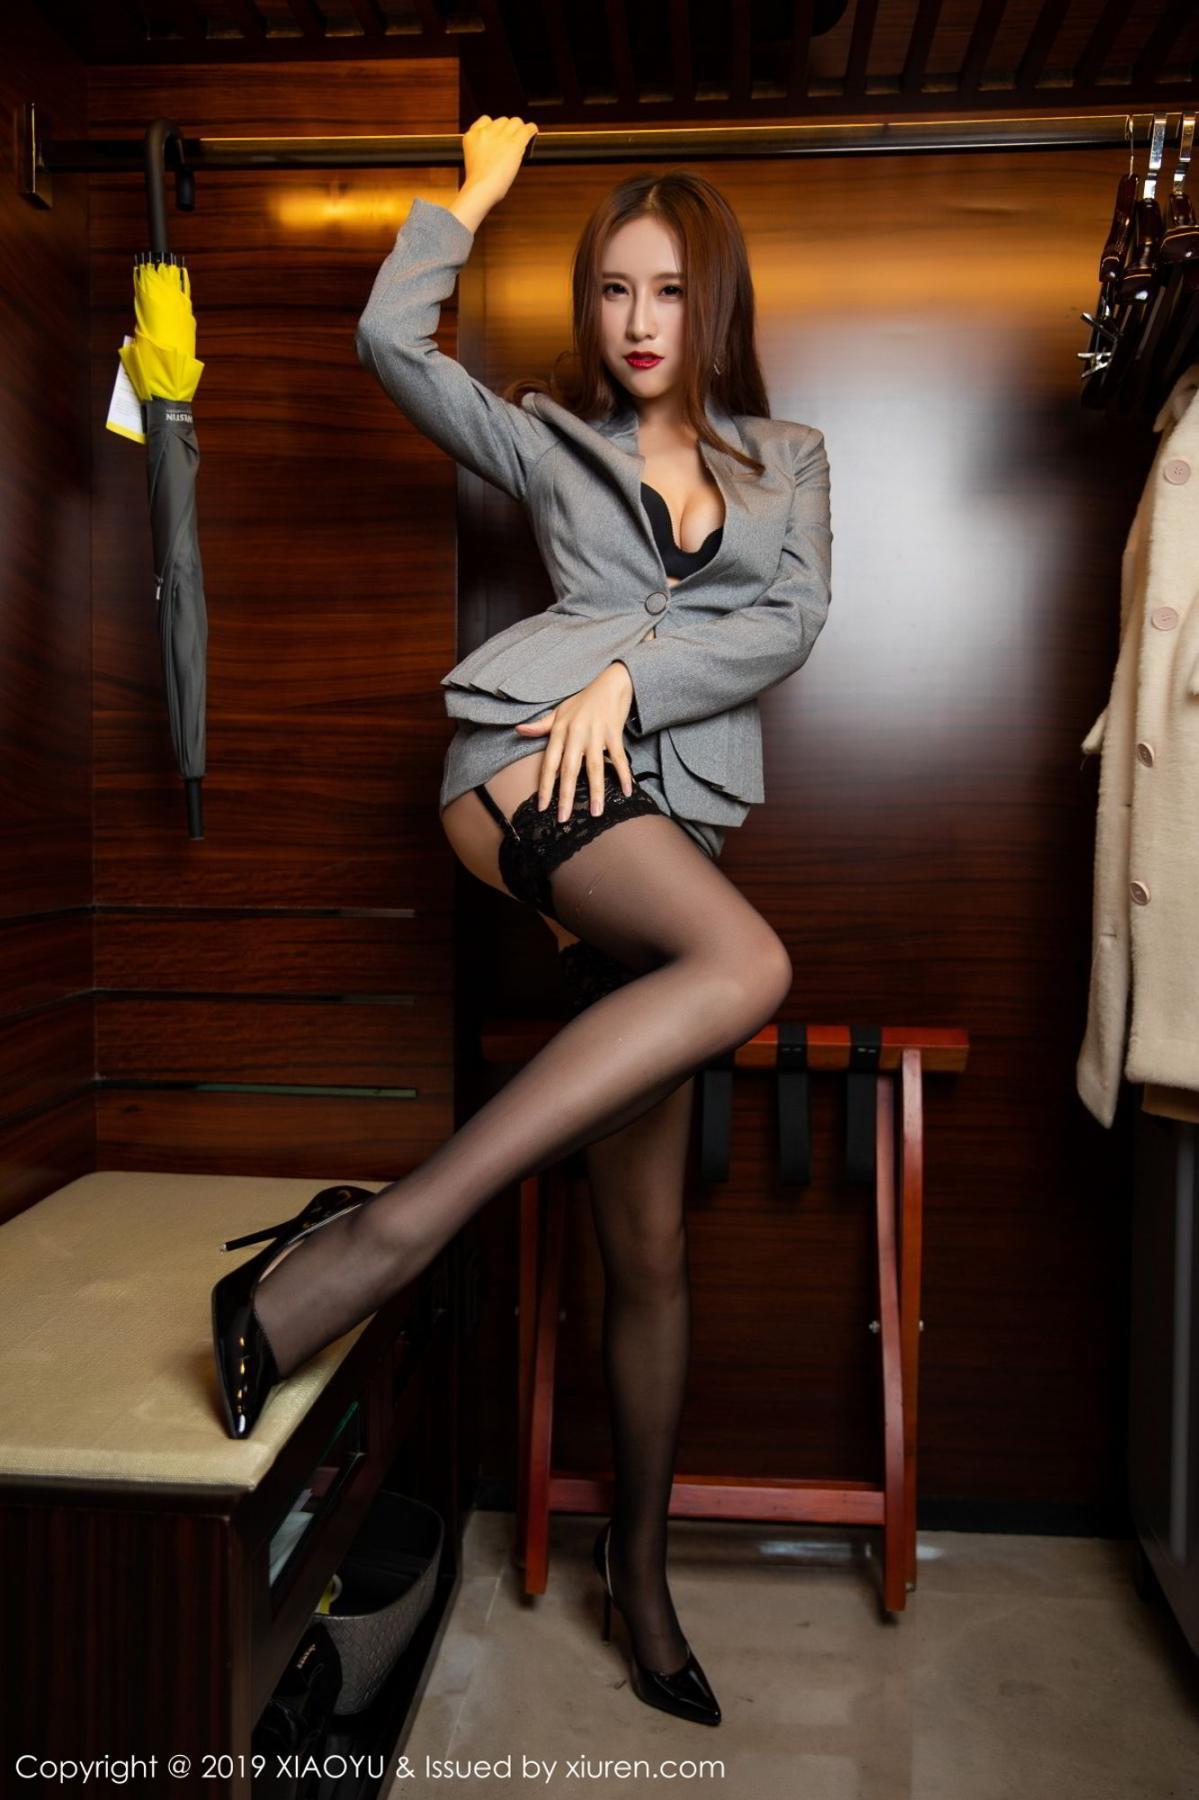 [XiaoYu] Vol.096 Yue Yin Tong 30P, Black Silk, Uniform, XiaoYu, Yue Yin Tong